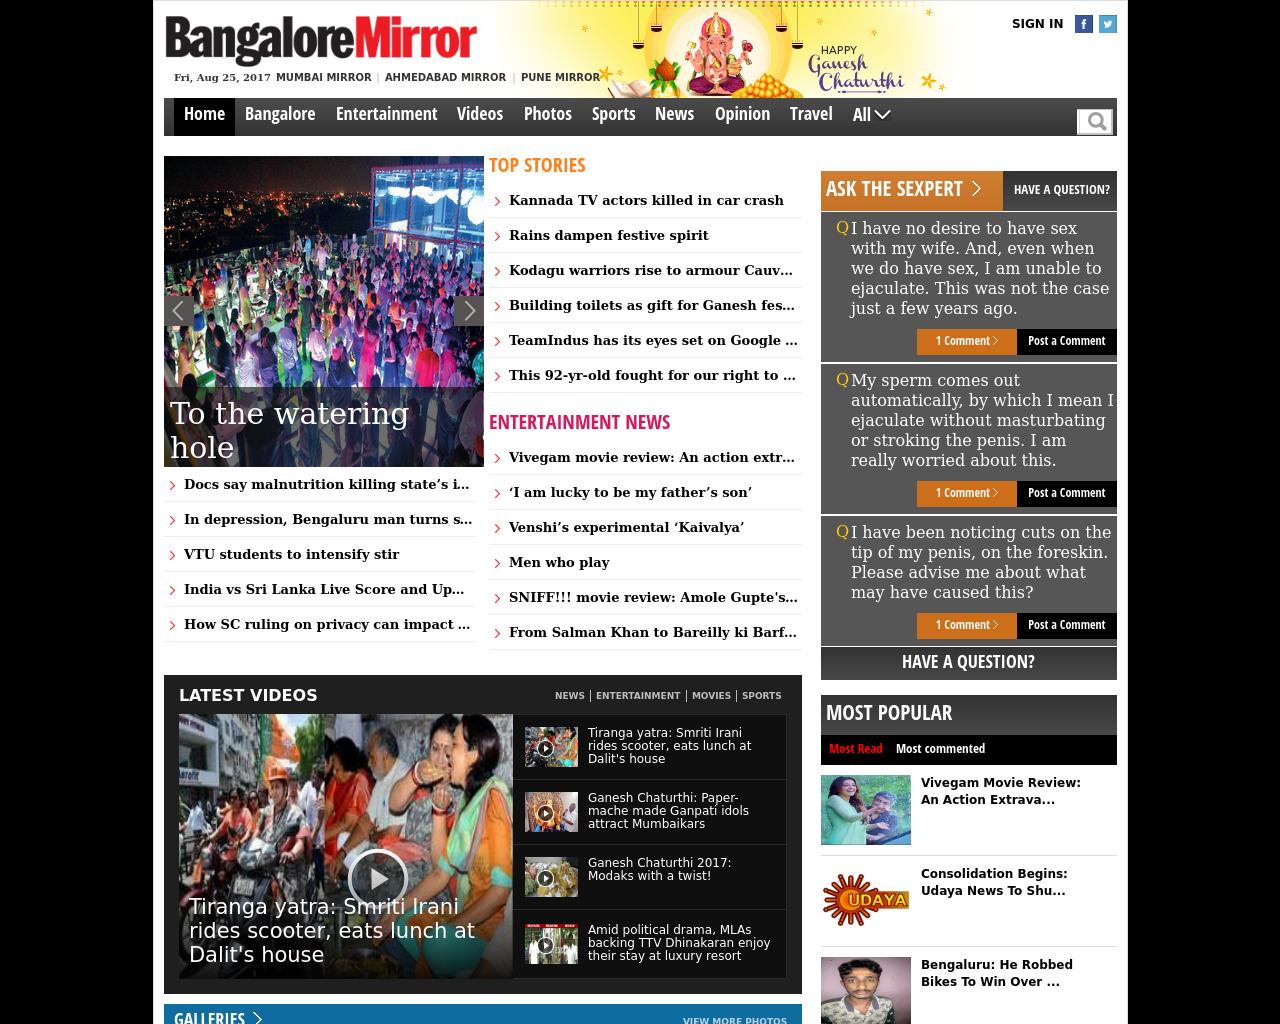 Bangalore-Mirror-Advertising-Reviews-Pricing